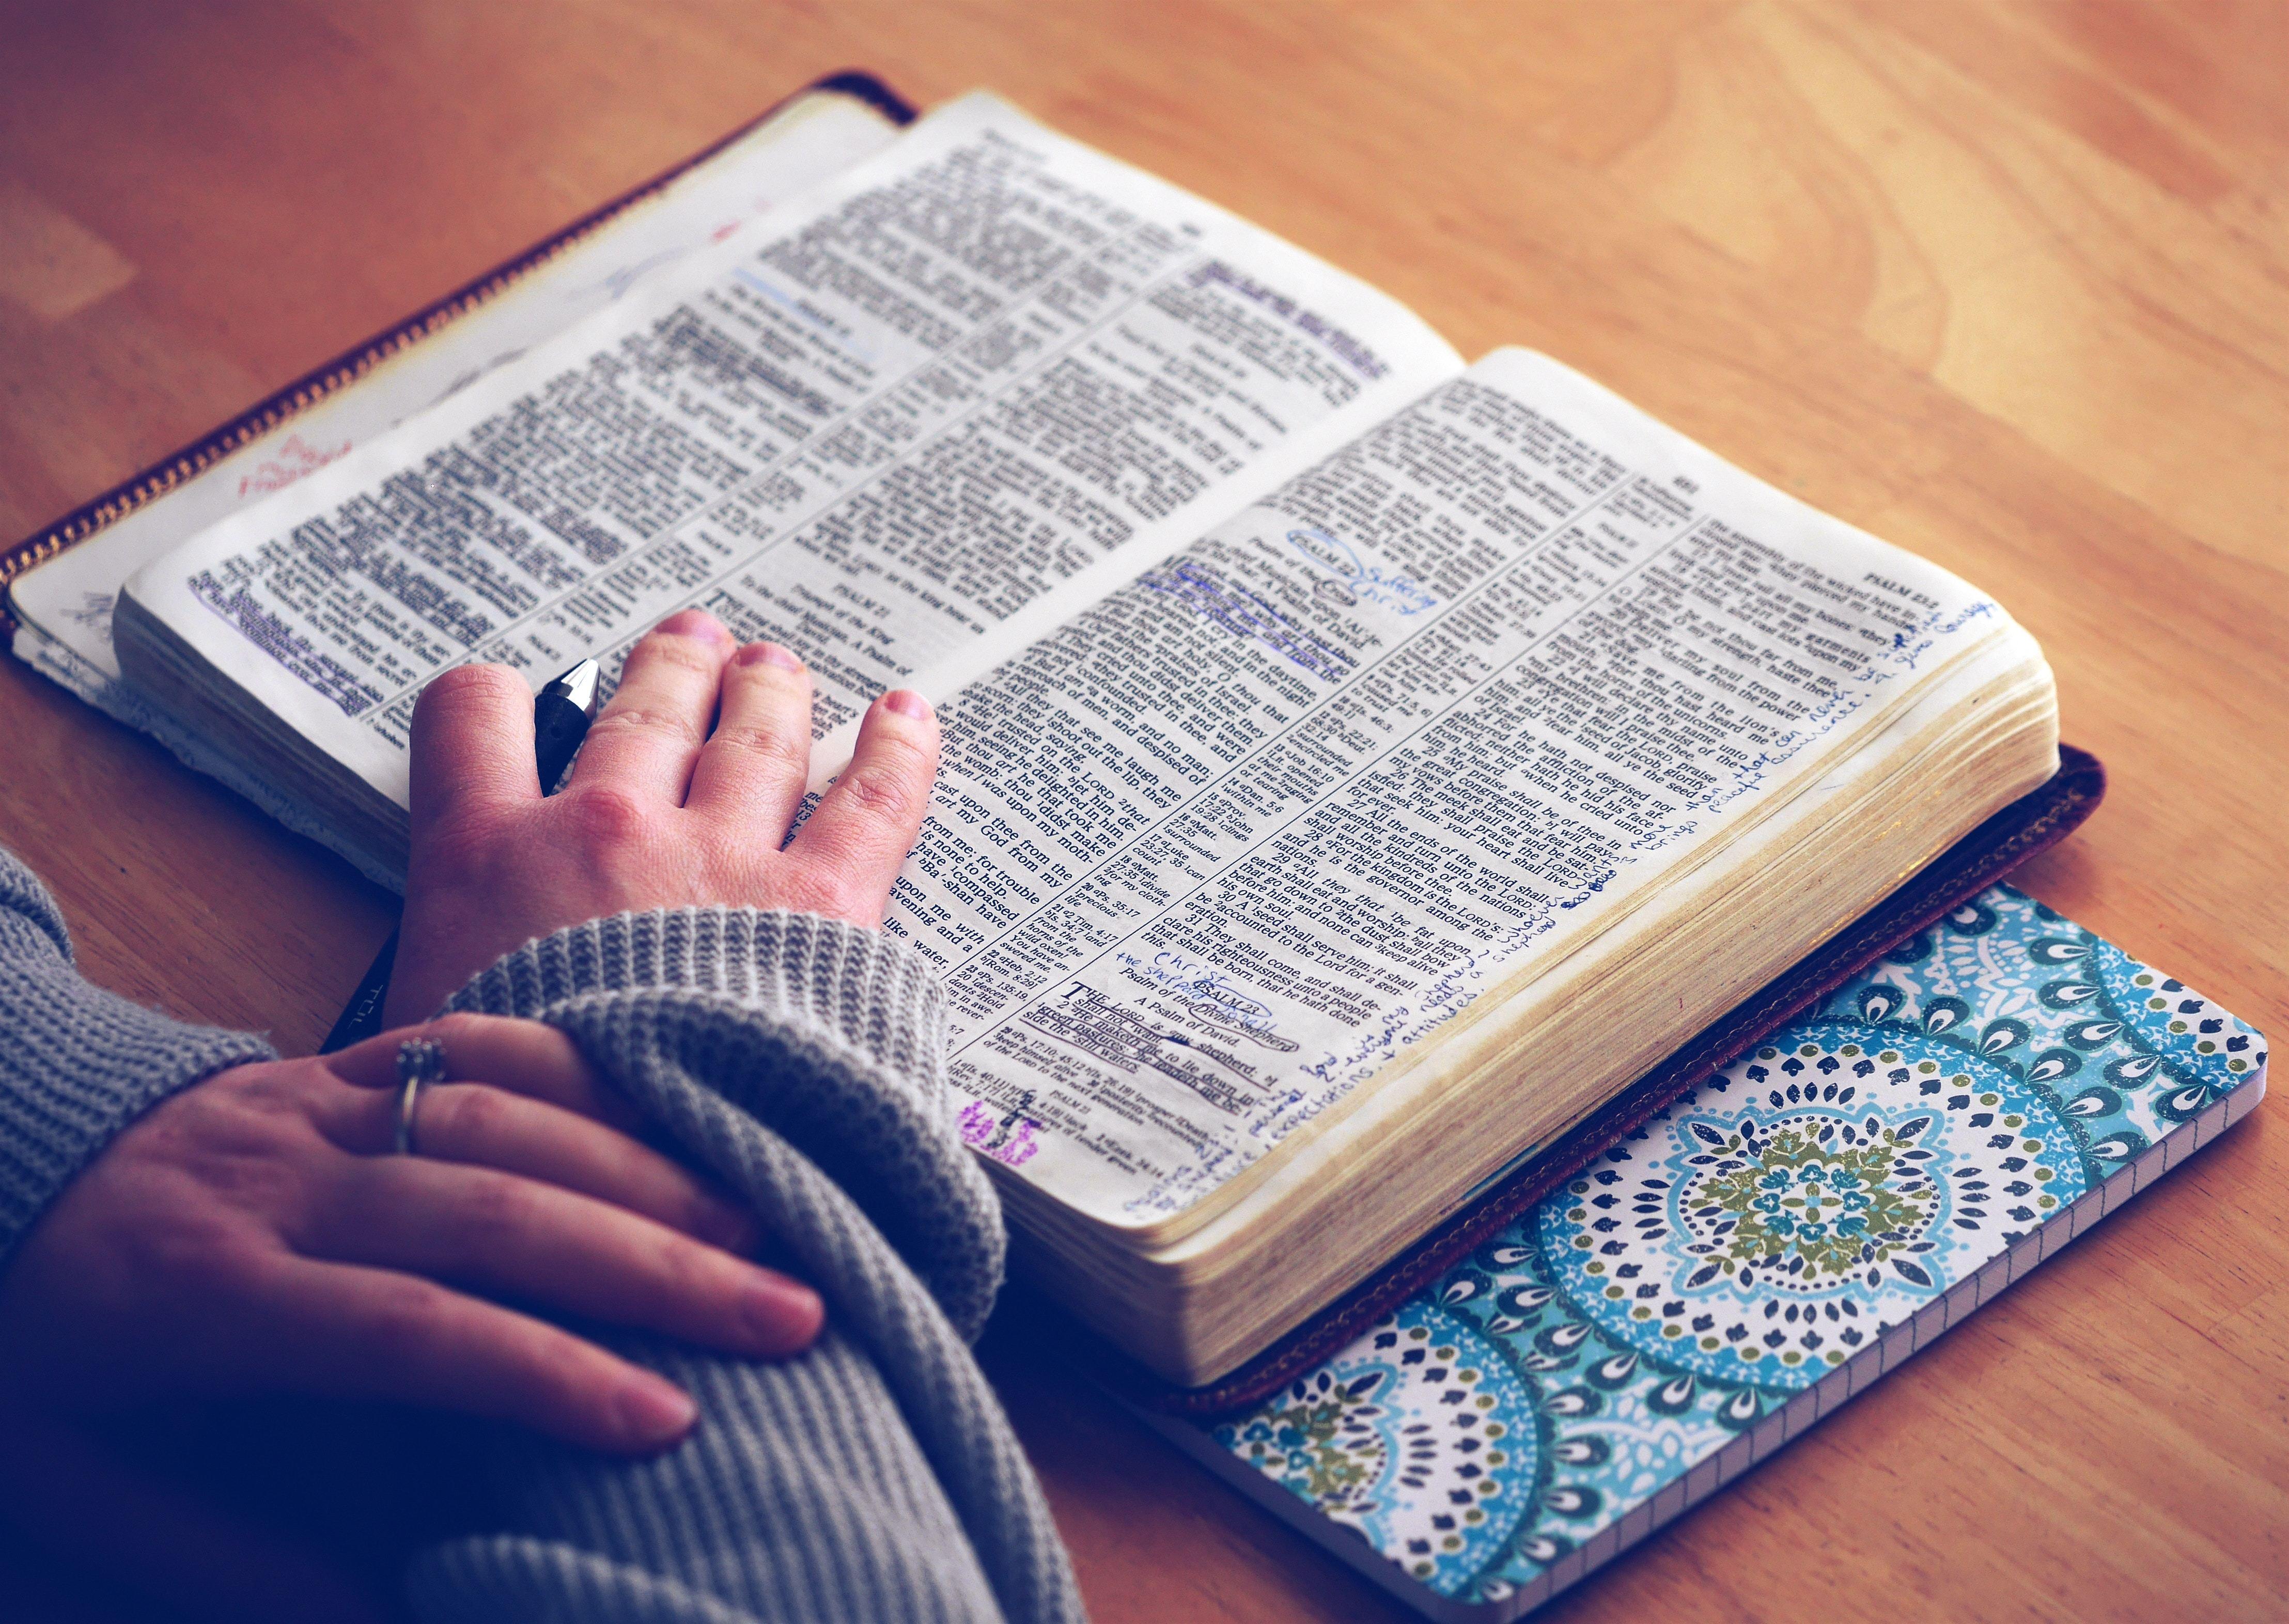 英語の辞書を見る女性の手